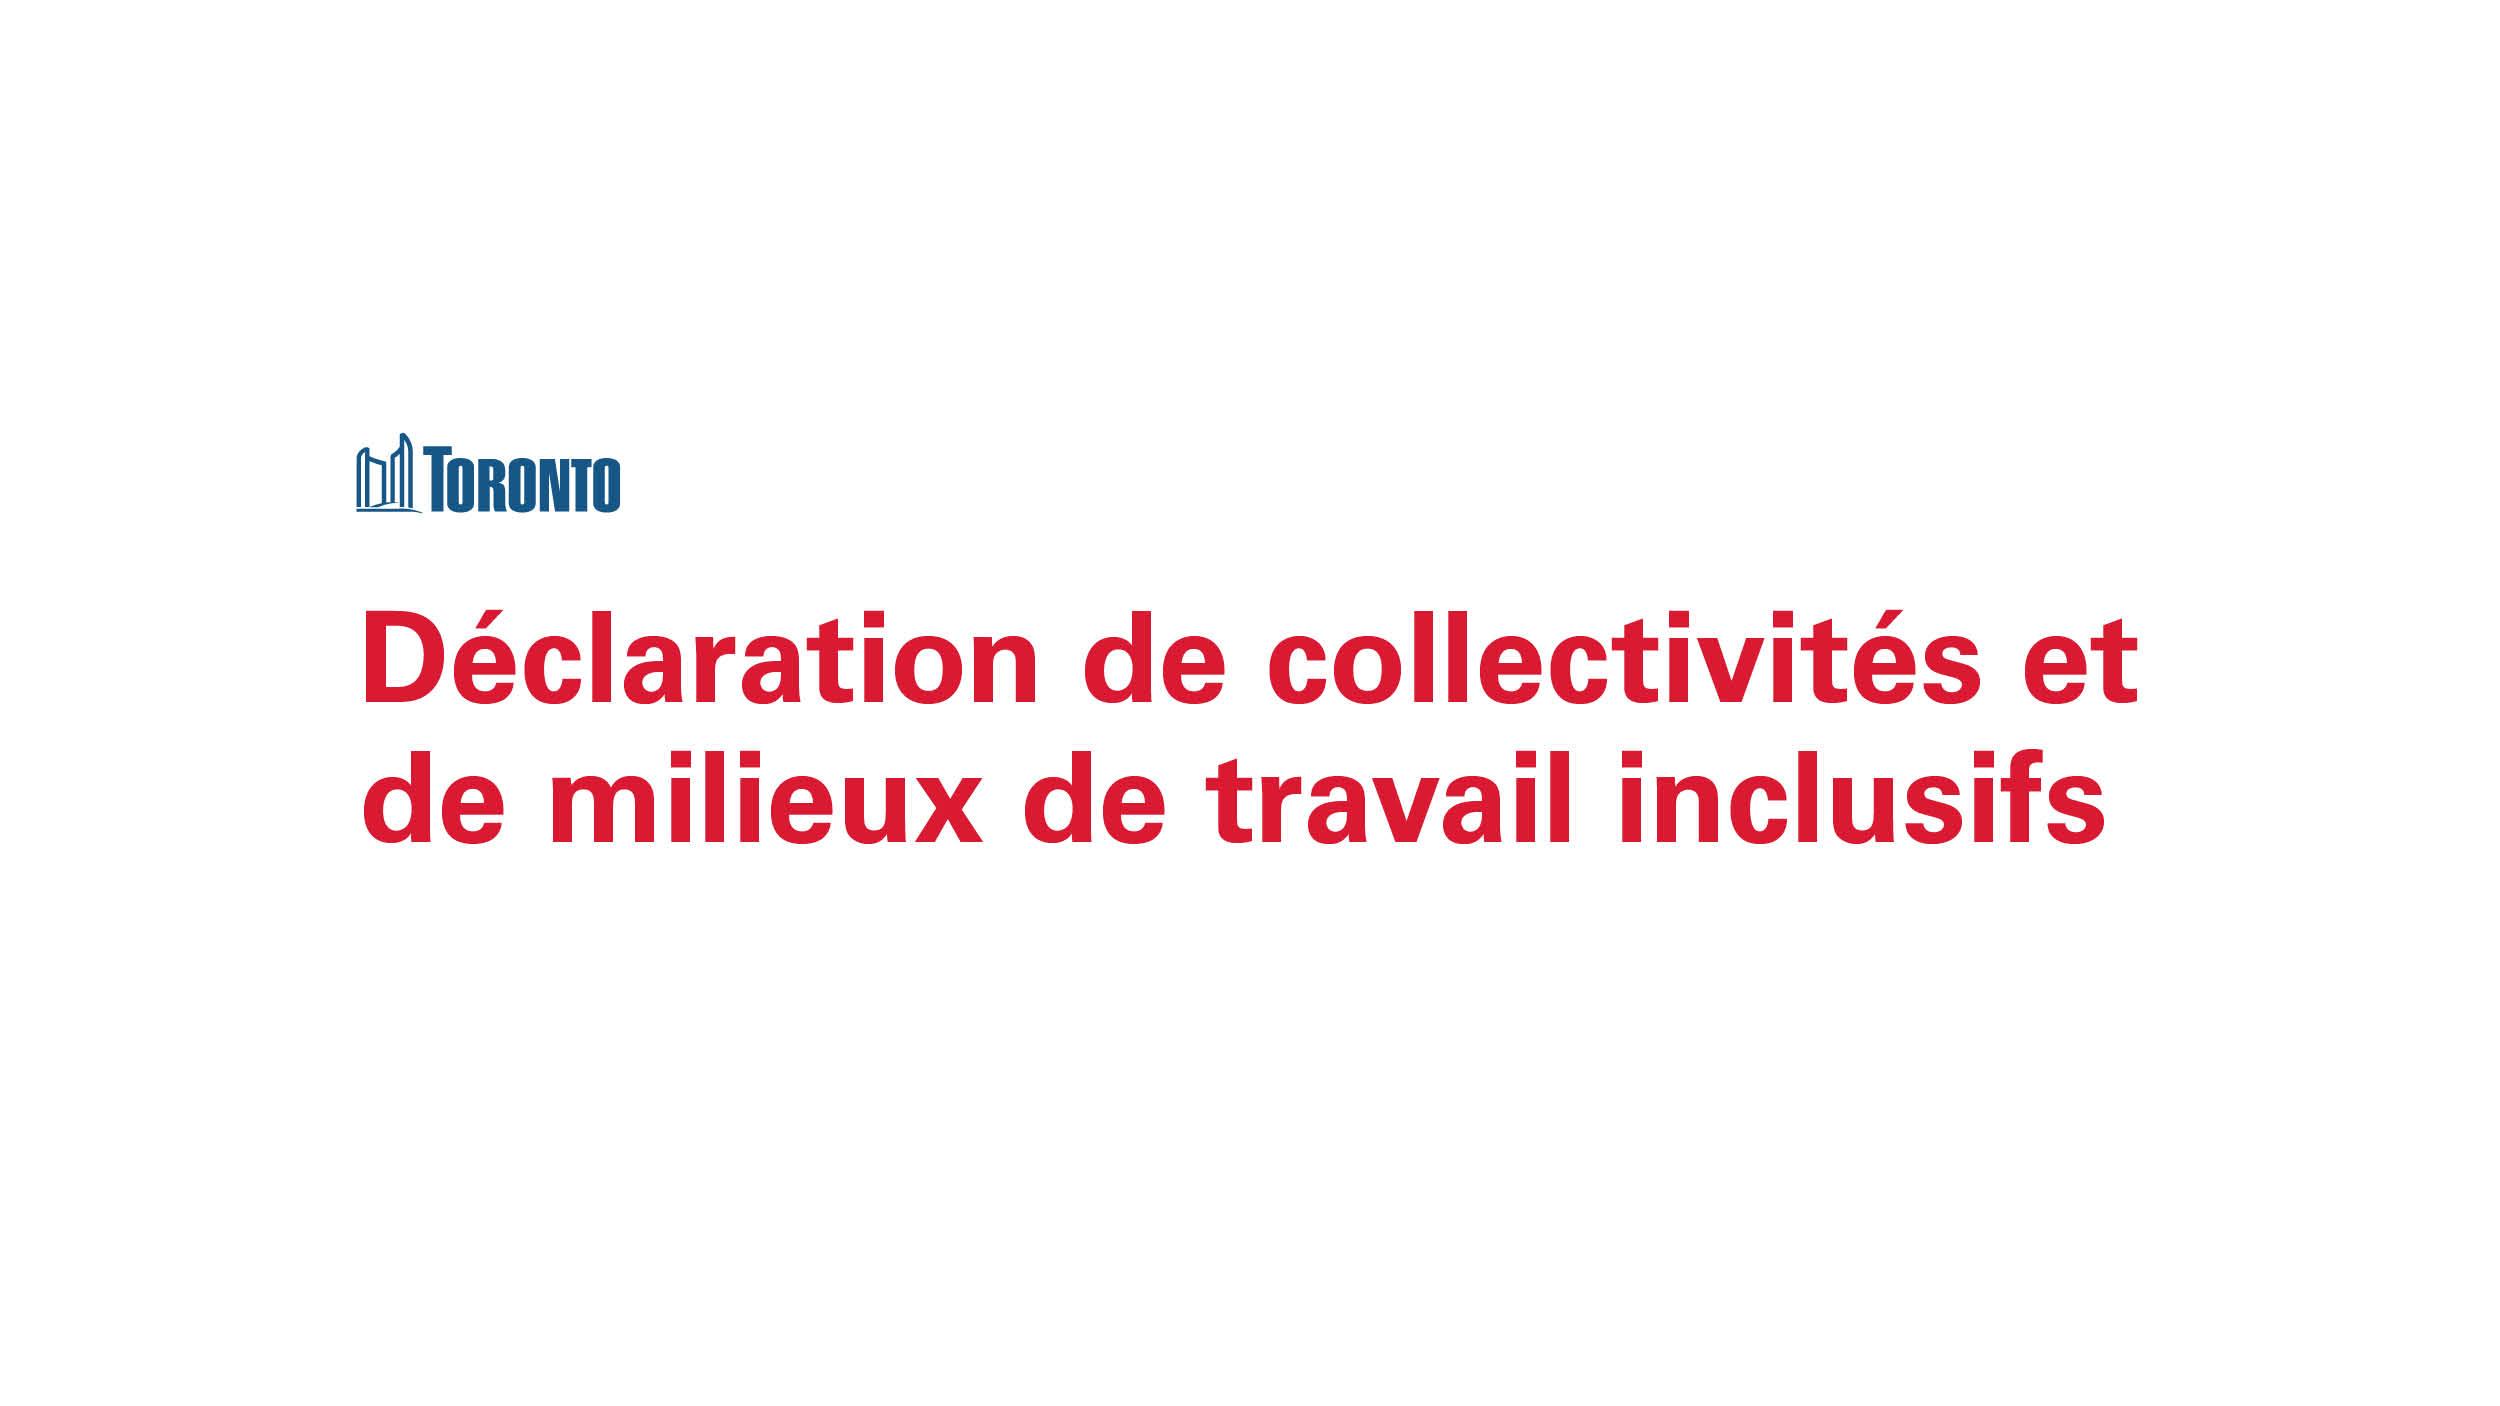 Declaration de collectivites et de milieux de travail inclusifs